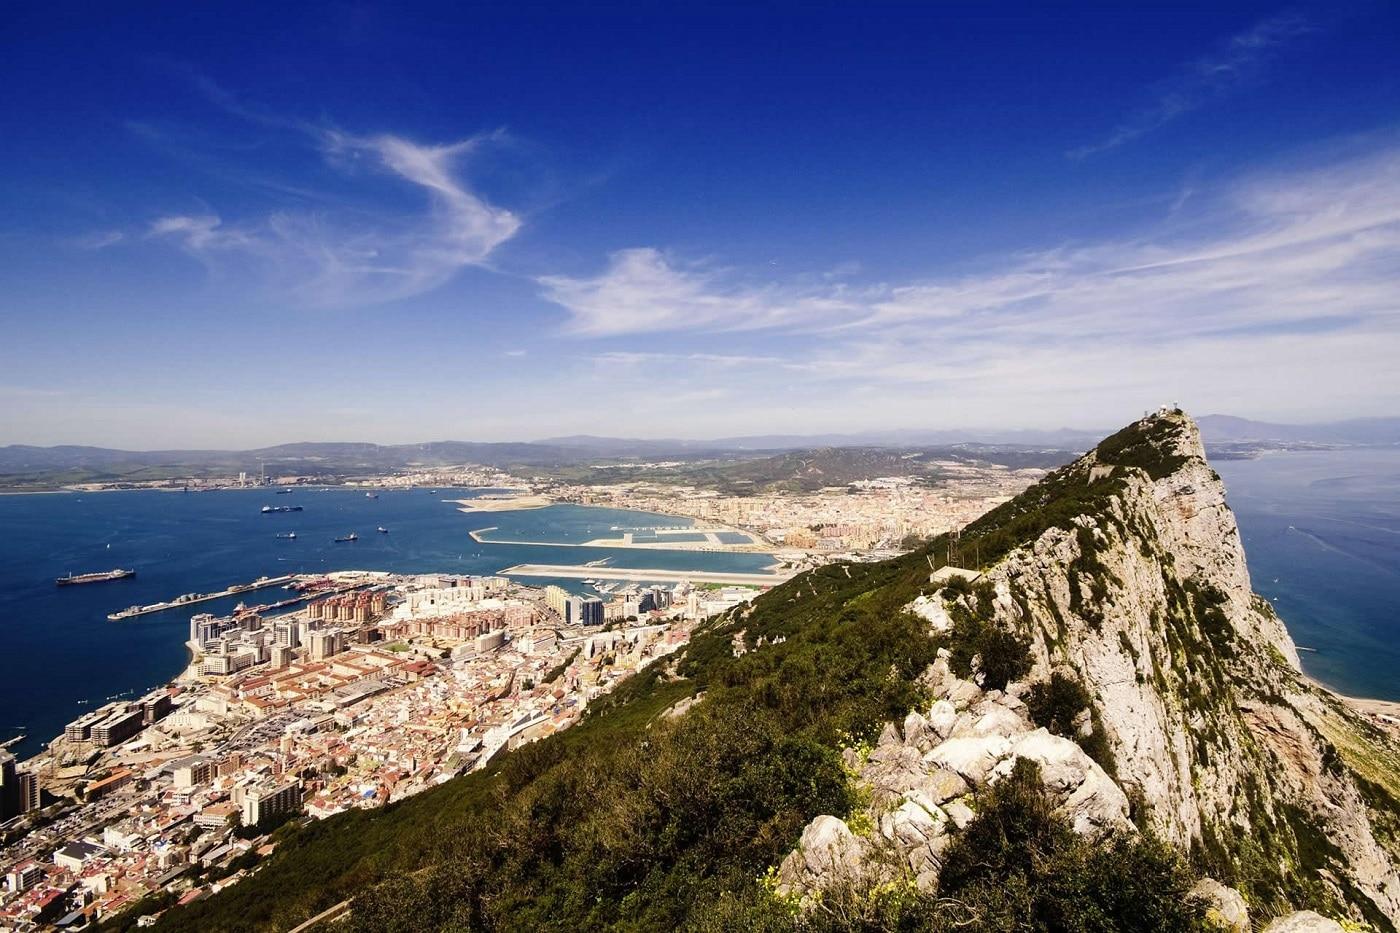 Împrejurimile văzute chiar de pe Roca din Gibraltar